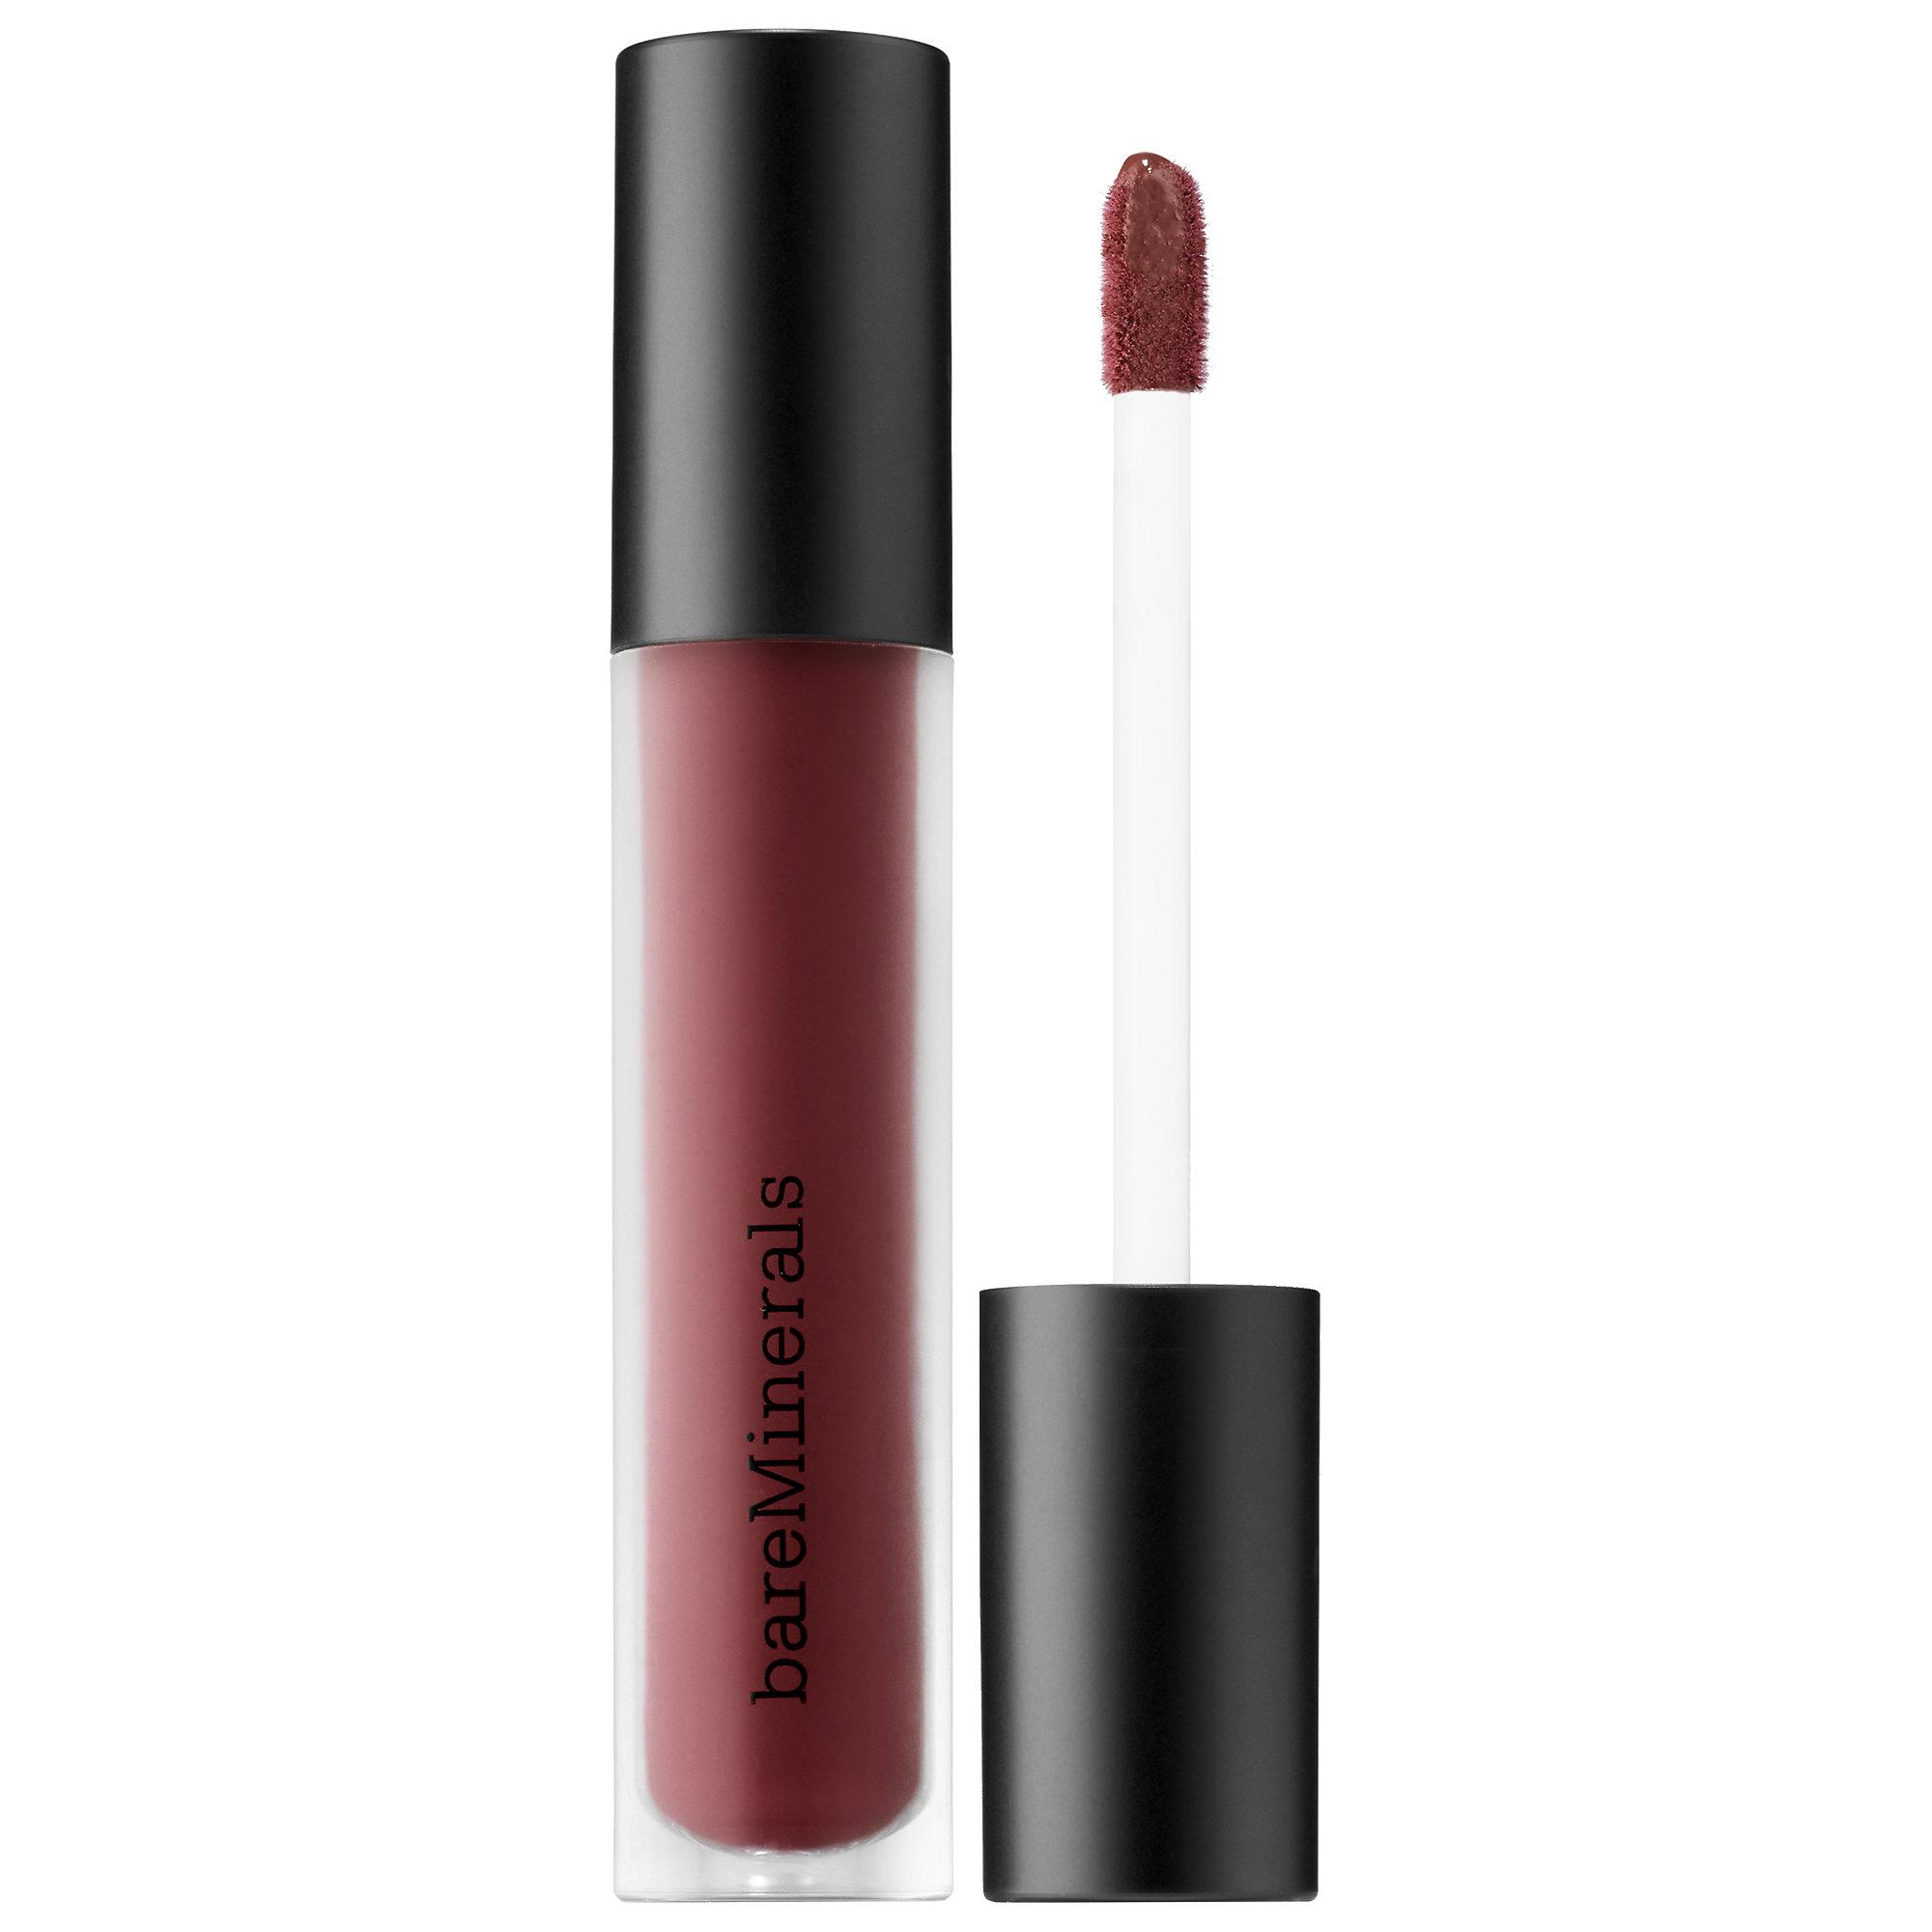 bareMinerals Gen Nude Matte Liquid Lipstick Slay 0.13 oz